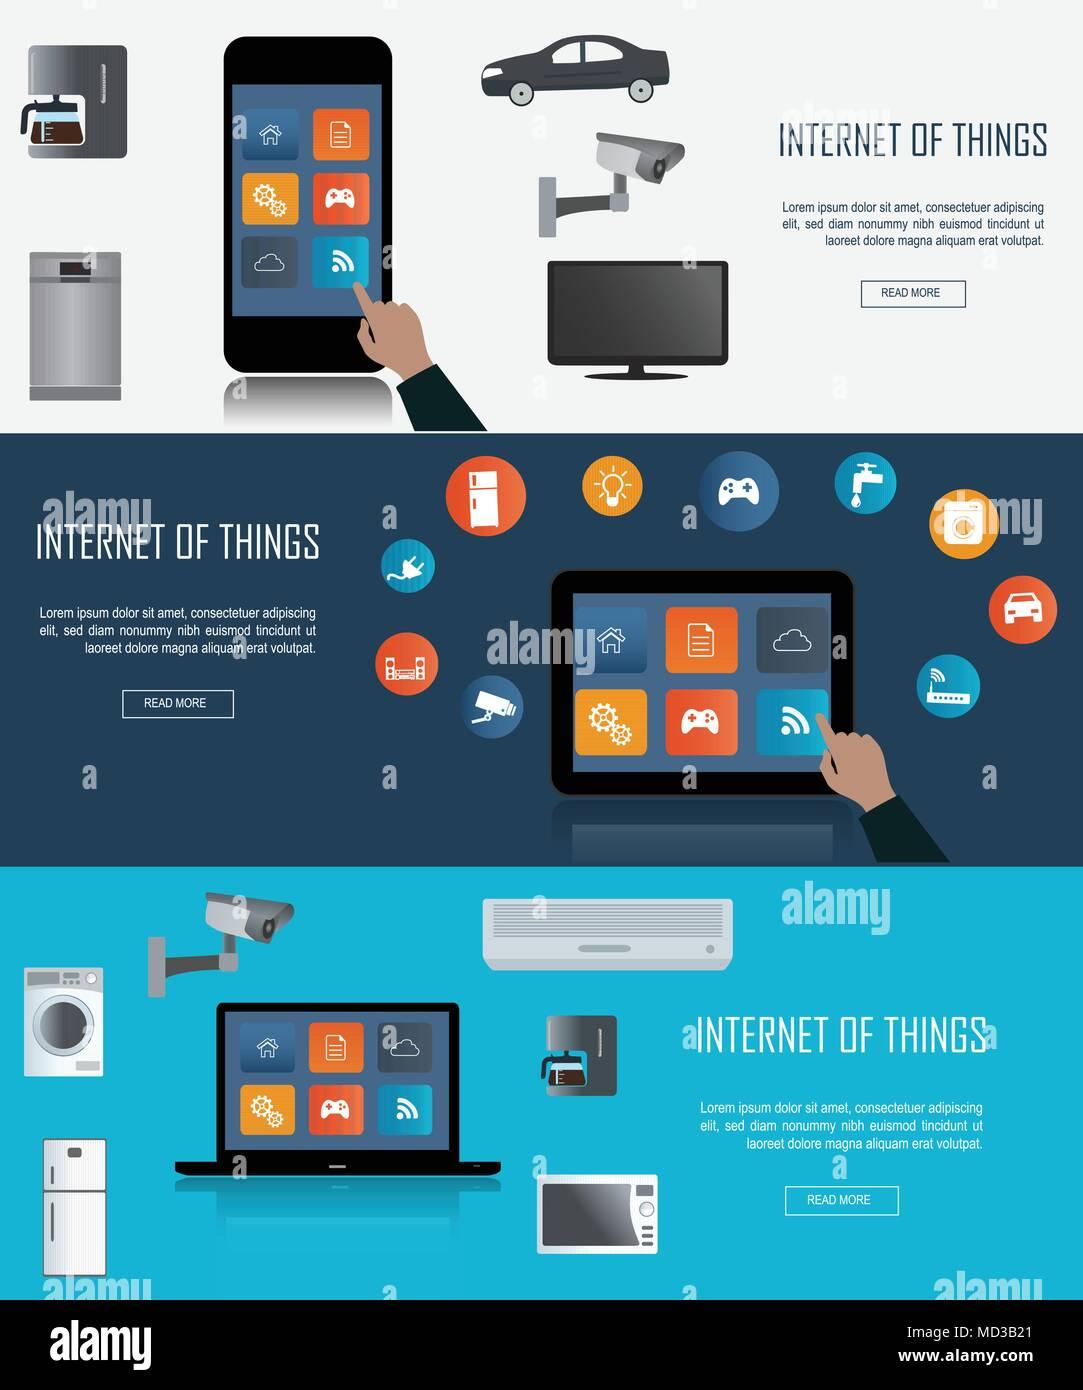 Tablet-PC, Laptop, Smartphone mit Internet der Dinge (IoT) Symbole verbinden. Internet networking Konzept. Fernbedienung für Smart hom Stock Vektor